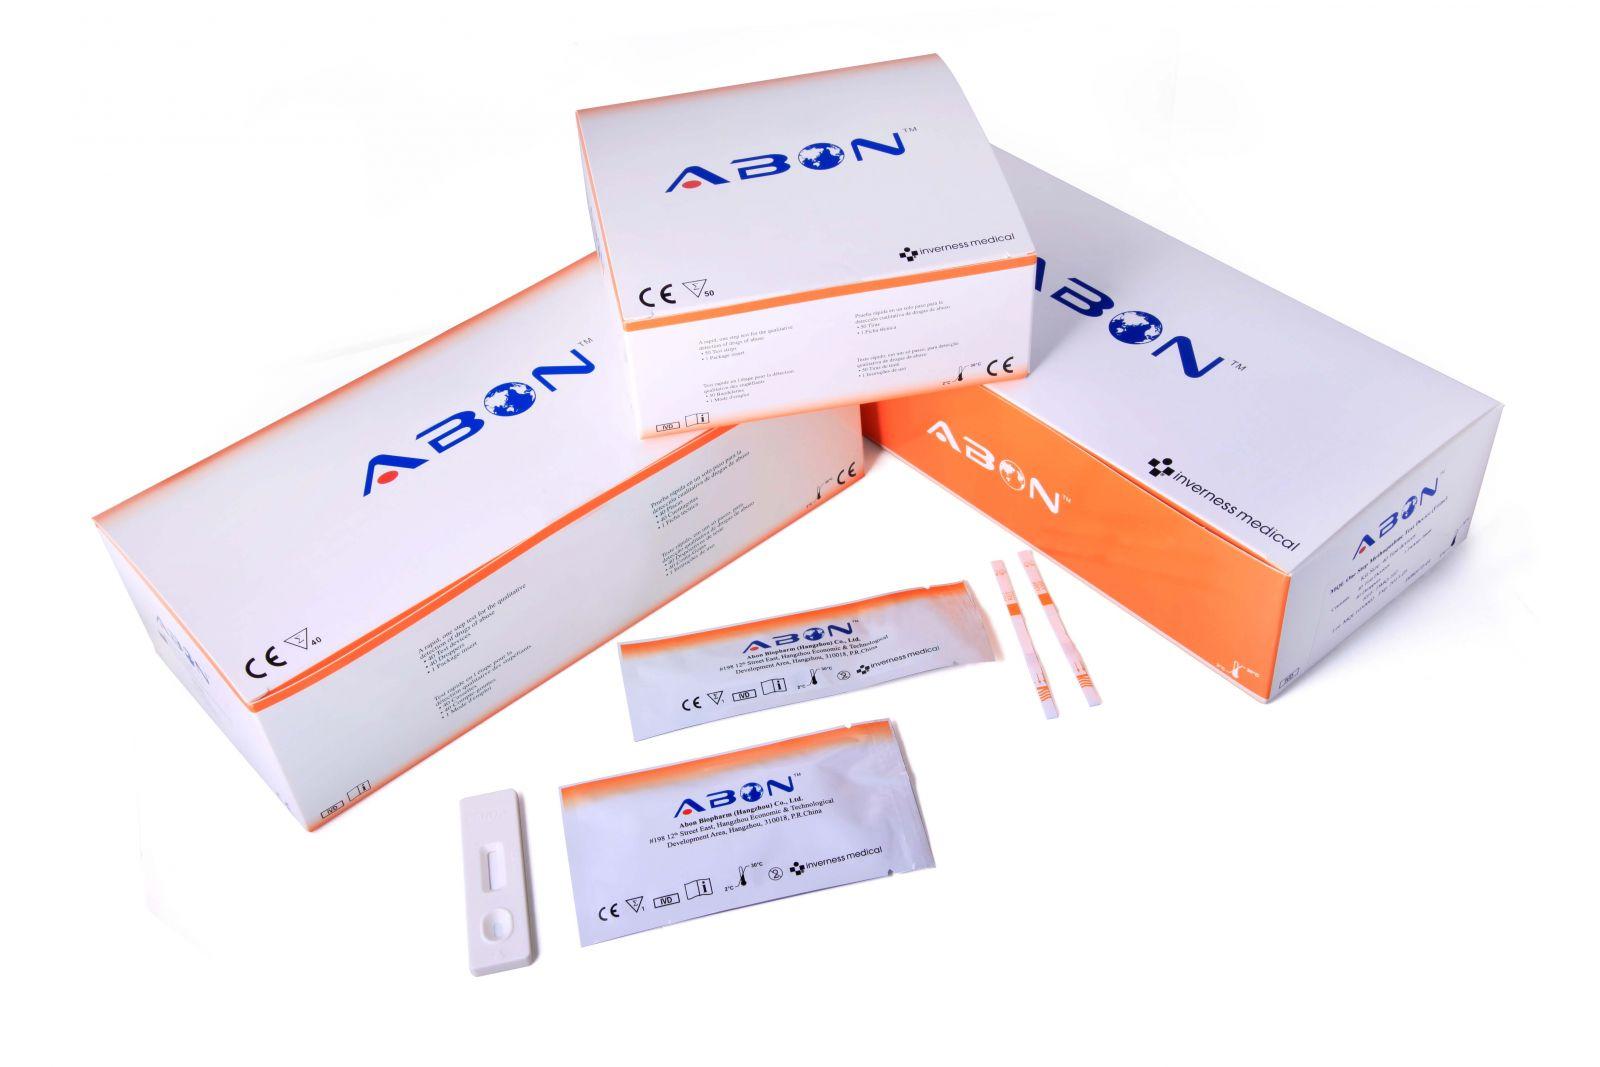 Kit thử phát hiện sử dụng chất gây nghiện MDMA – Thuốc lắc (Nước tiểu)